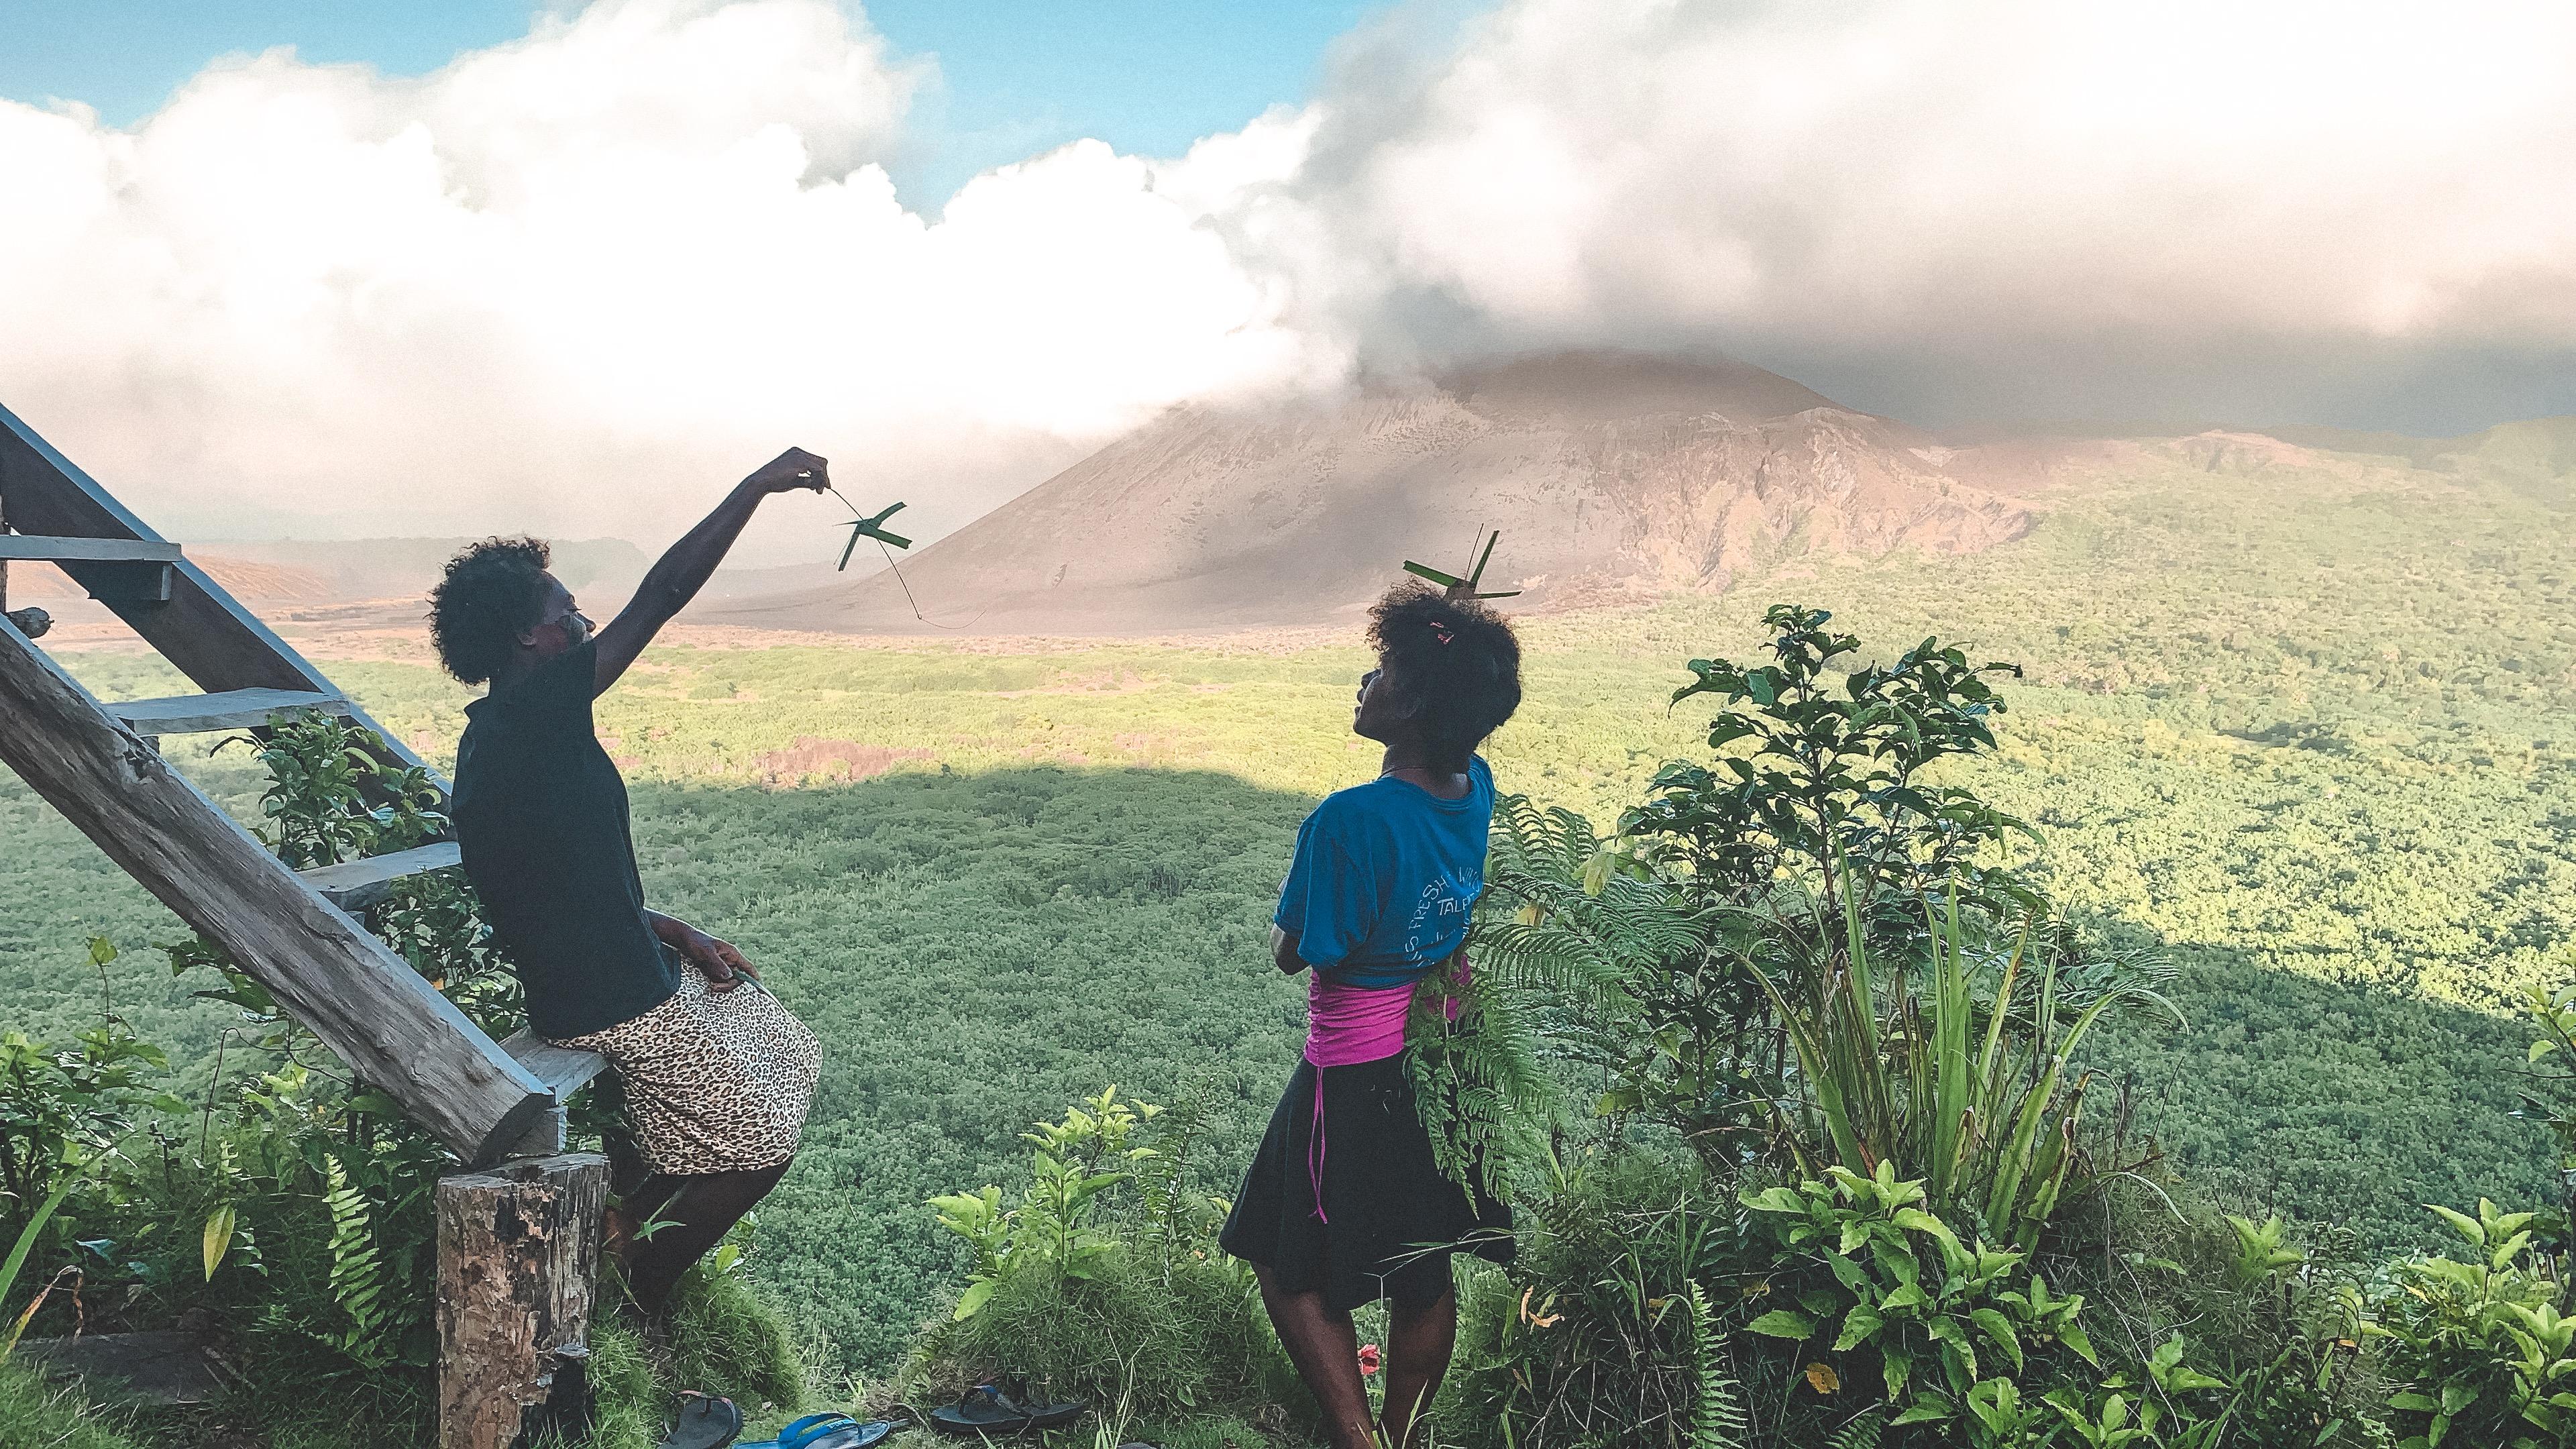 Mount Yasur Tanna Vanuatu